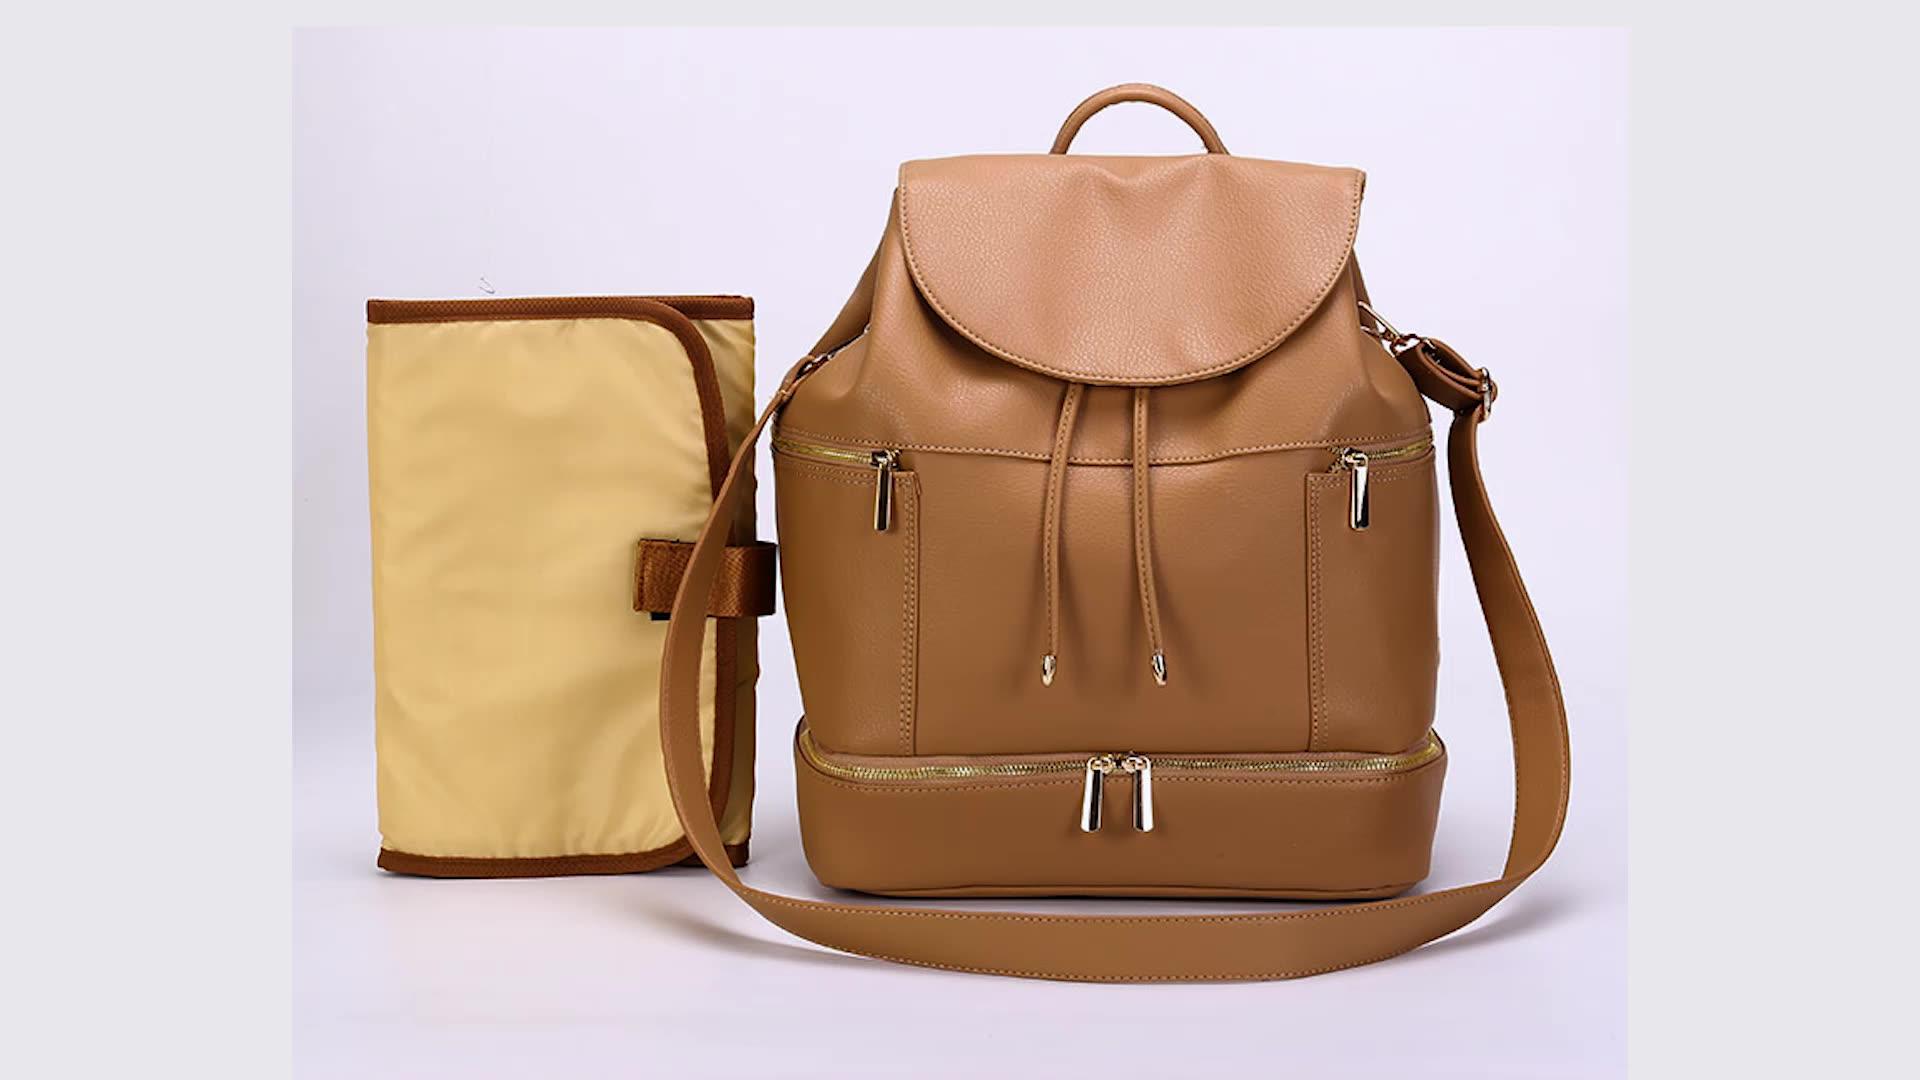 Elegante bolso organizador de viaje de cuidado de bebé impermeable de gran capacidad bolsa mamá bebé bolsa para mamá y papá